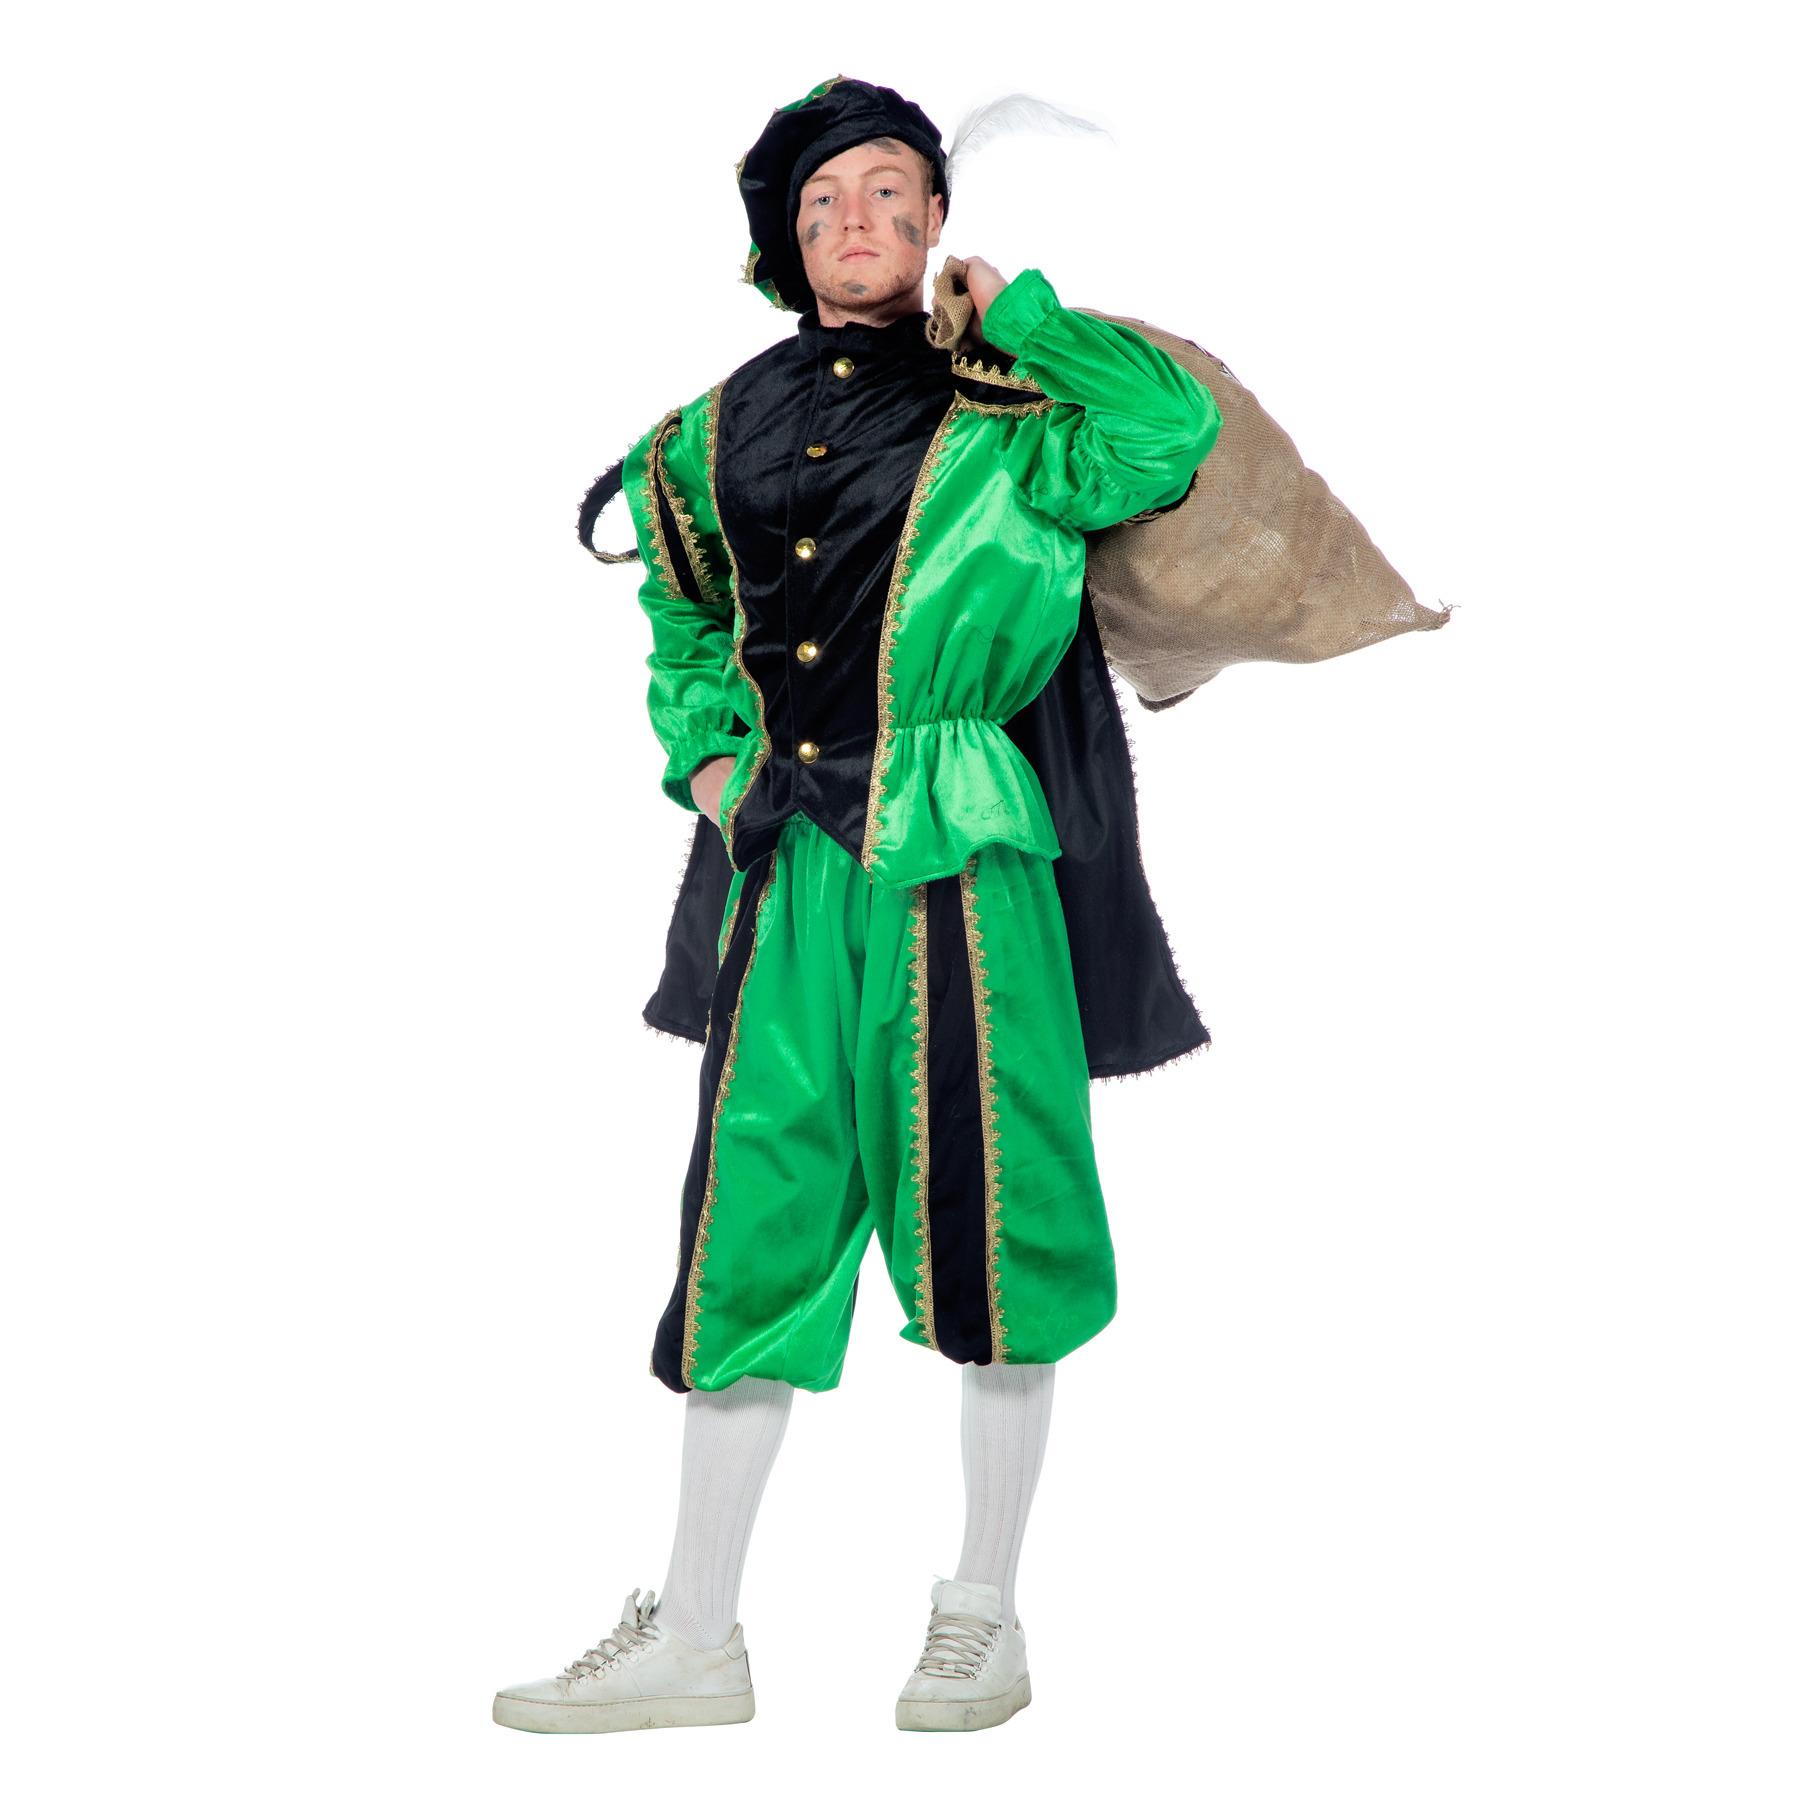 Zwart met groen Zwarte Piet kostuum 58 (2XL) Multi